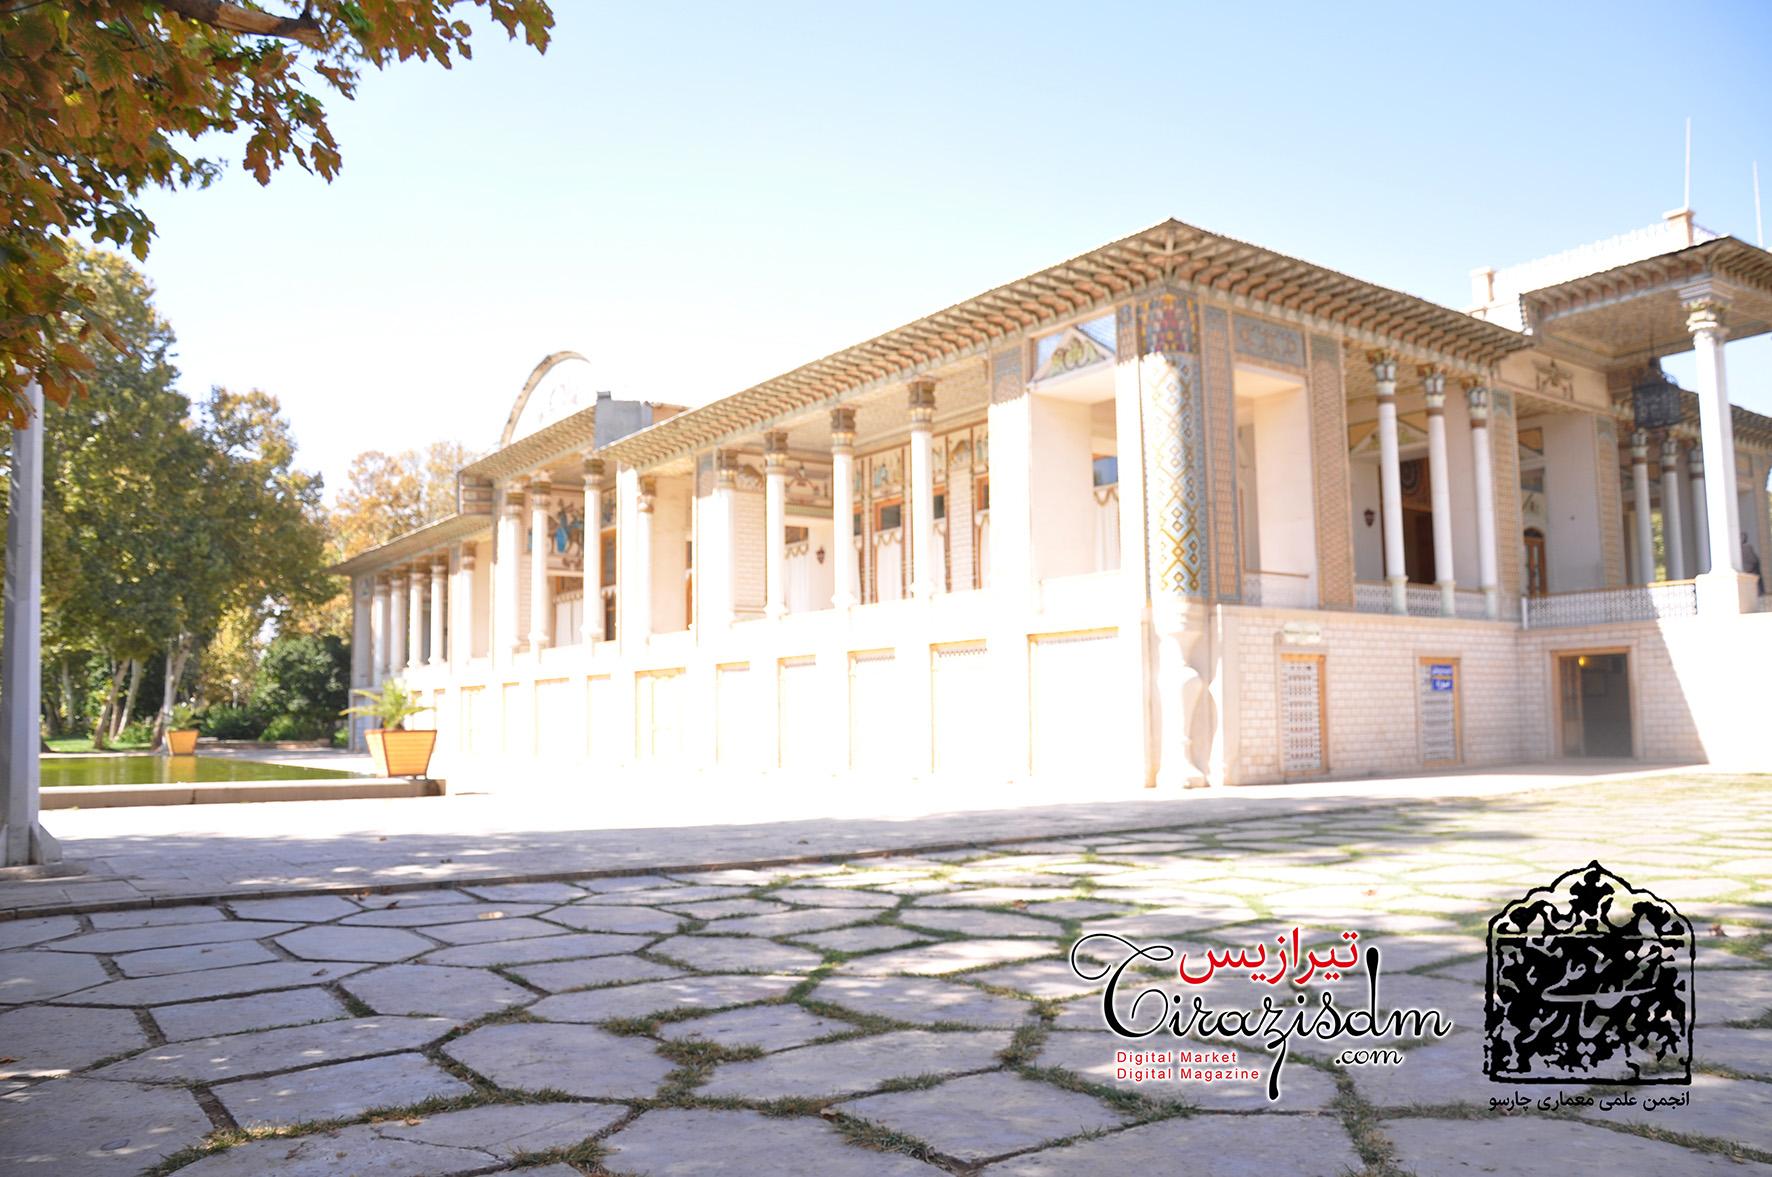 مسابقه اسکیس از باغ عفیف آباد